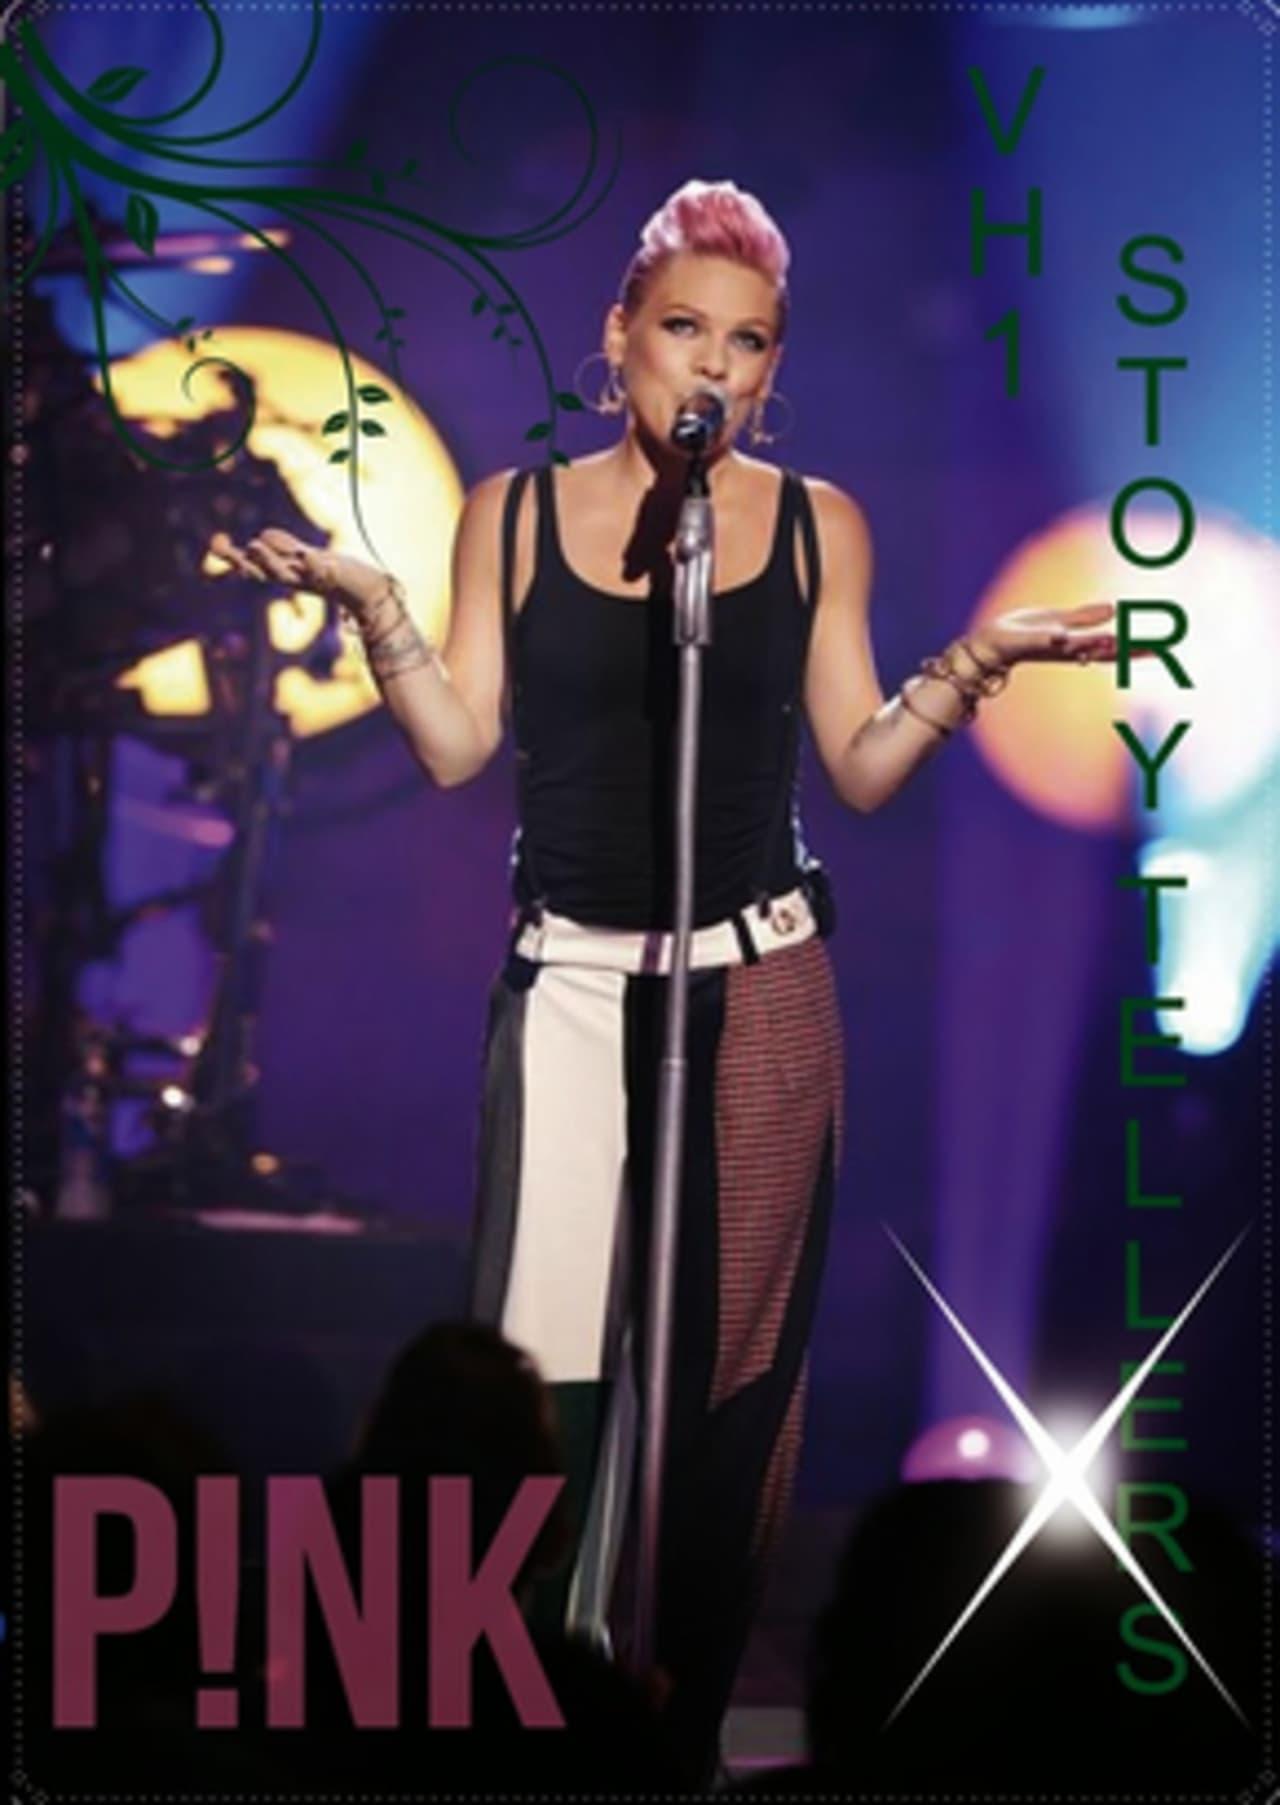 P!nk: VH1 Storytellers